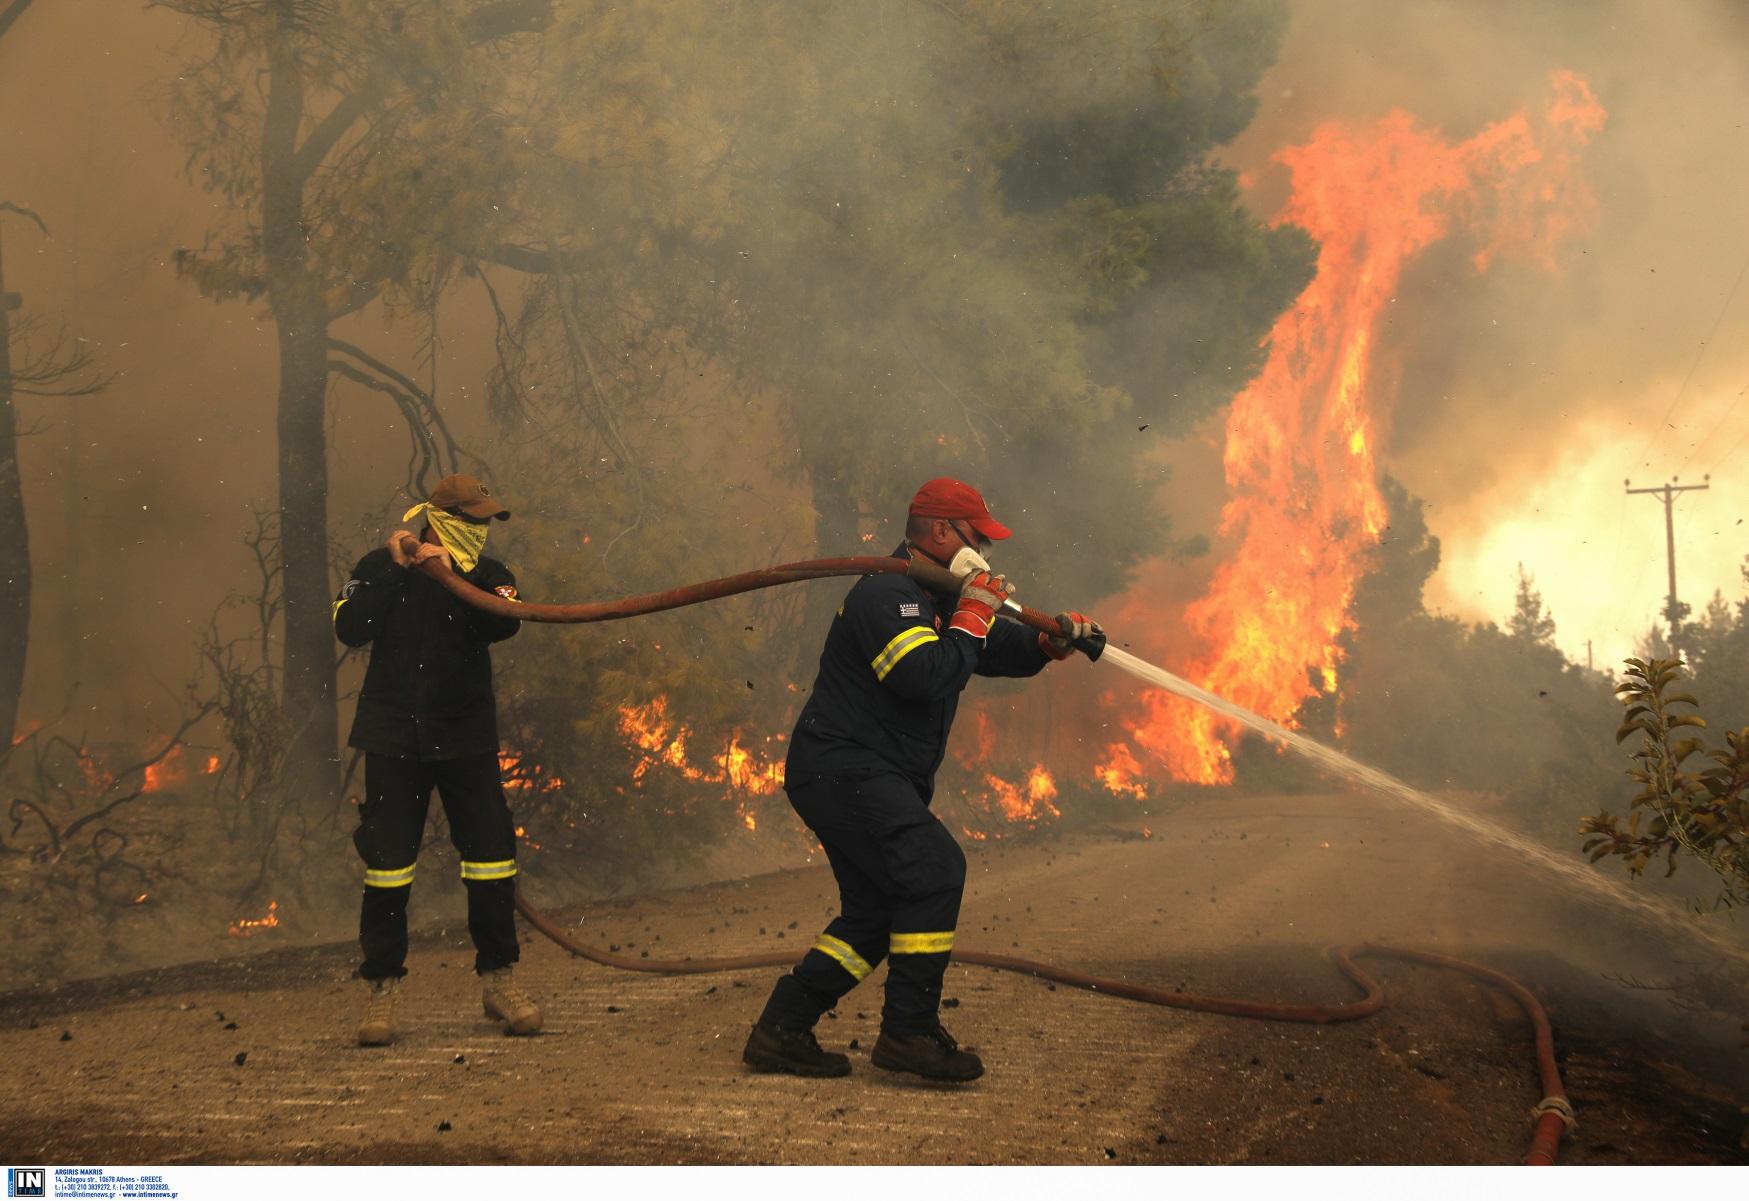 Φωτιές – Πολιτική Προστασία: Πού είναι μεγάλος ο κίνδυνος την Τρίτη 17/08